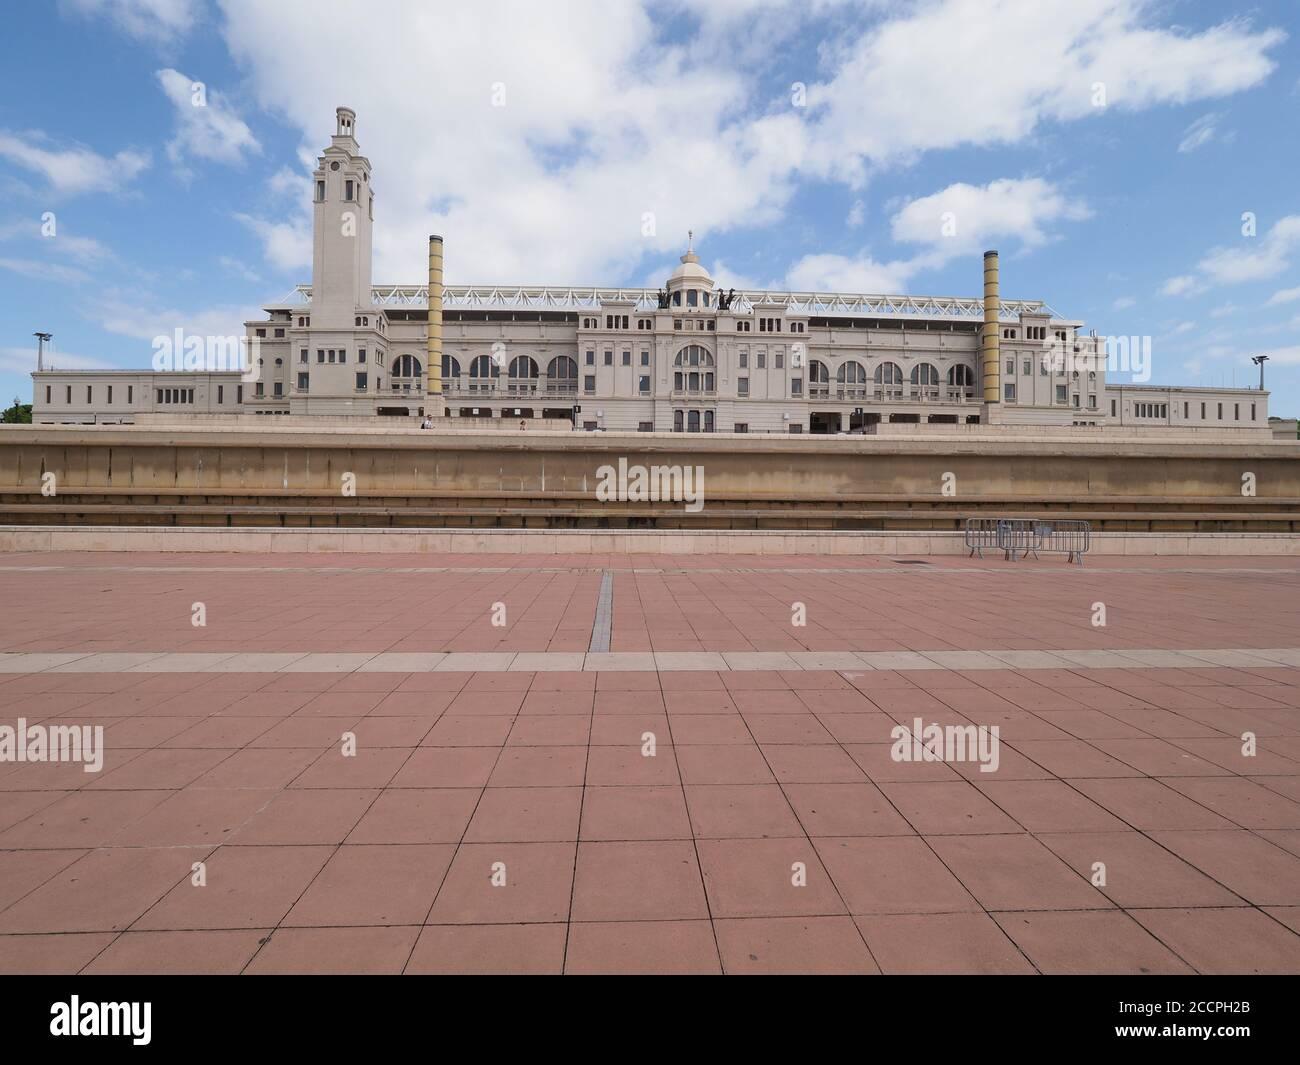 Estadio Olímpico de la ciudad de Barcelona en el barrio de Cataluña en España Foto de stock